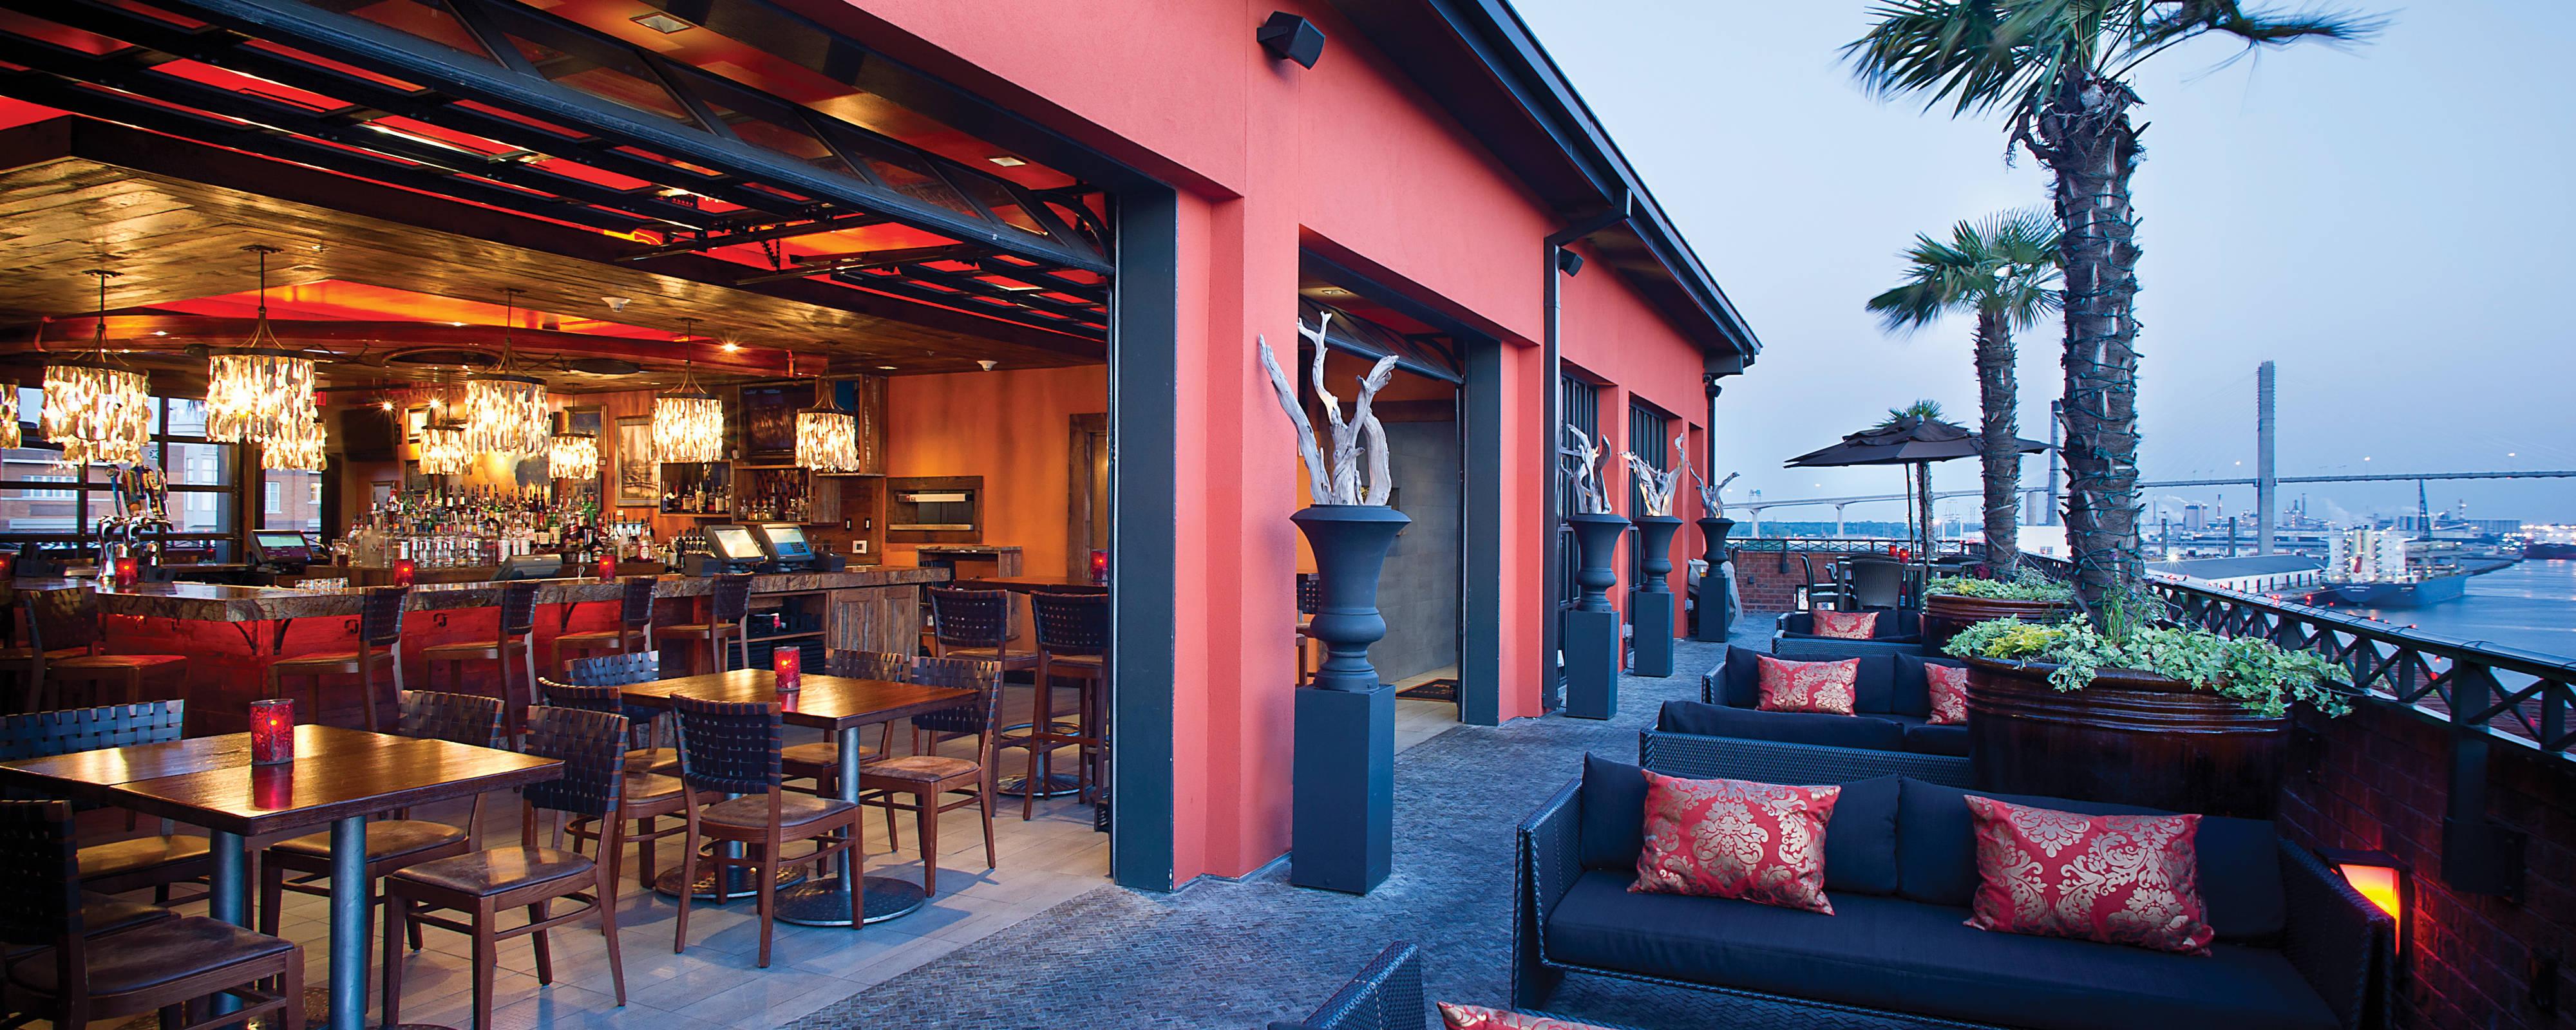 Thiết kế nhà hàng trên cao phong cách Bohemian